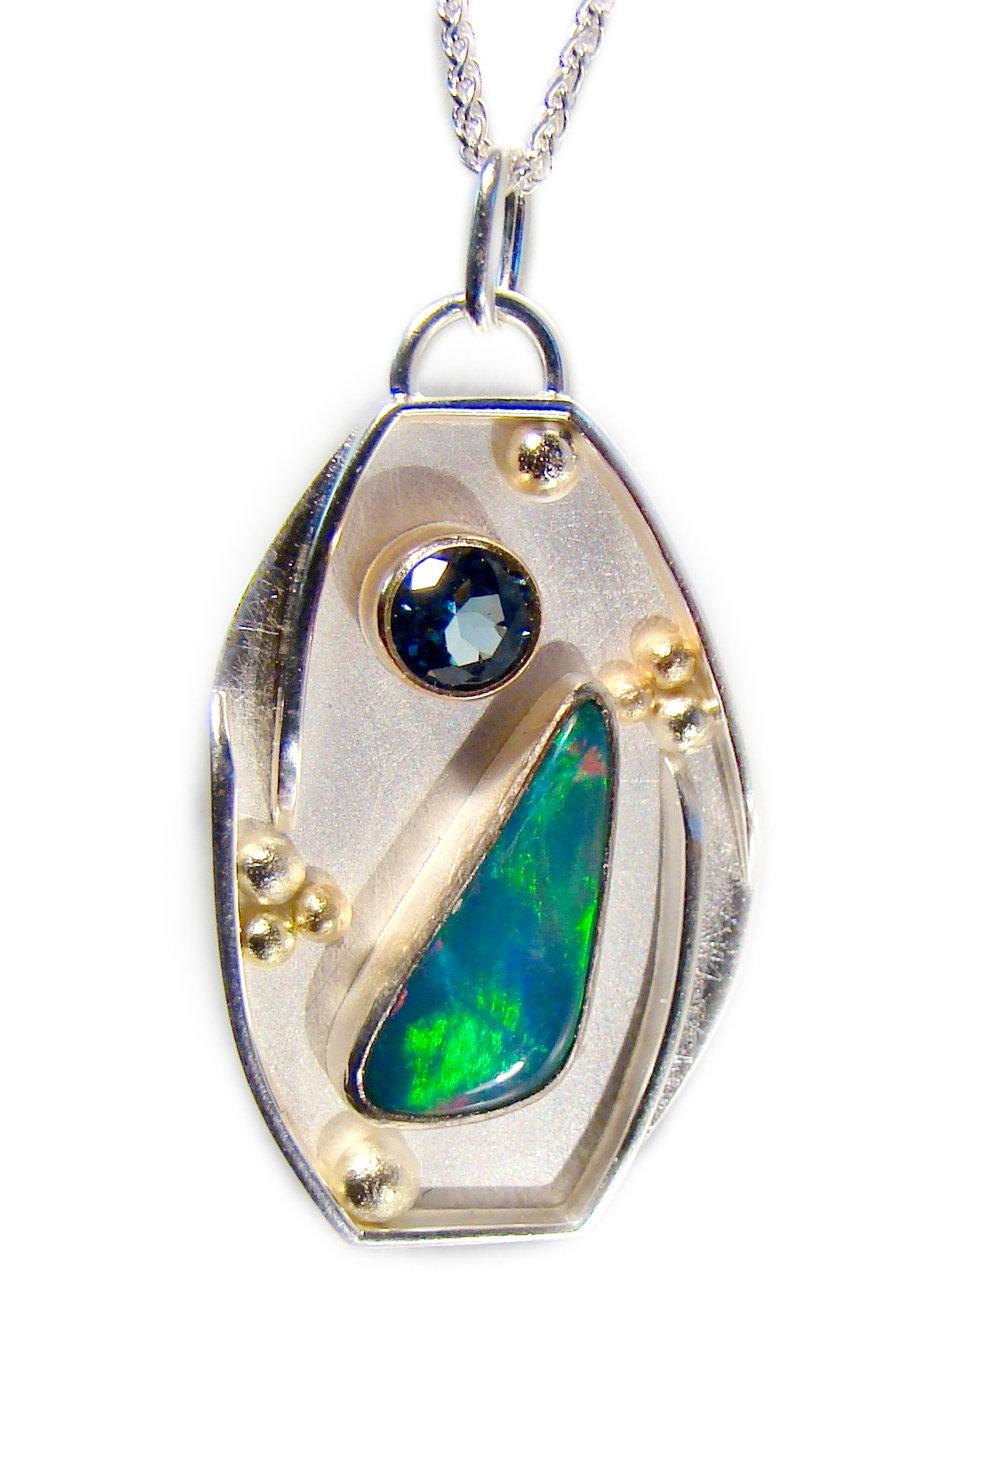 thumb_Etiopian Opal Pendant #809-3_1024.jpg